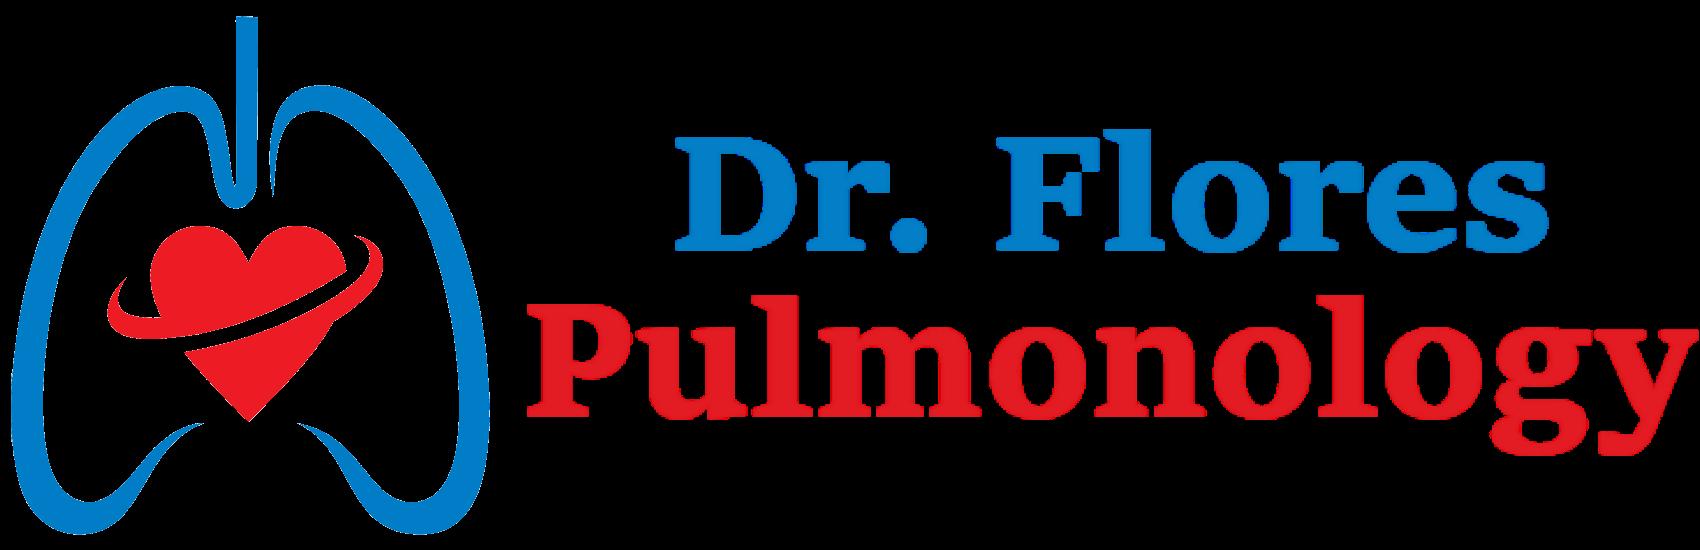 Dr. Flores Pulmonology